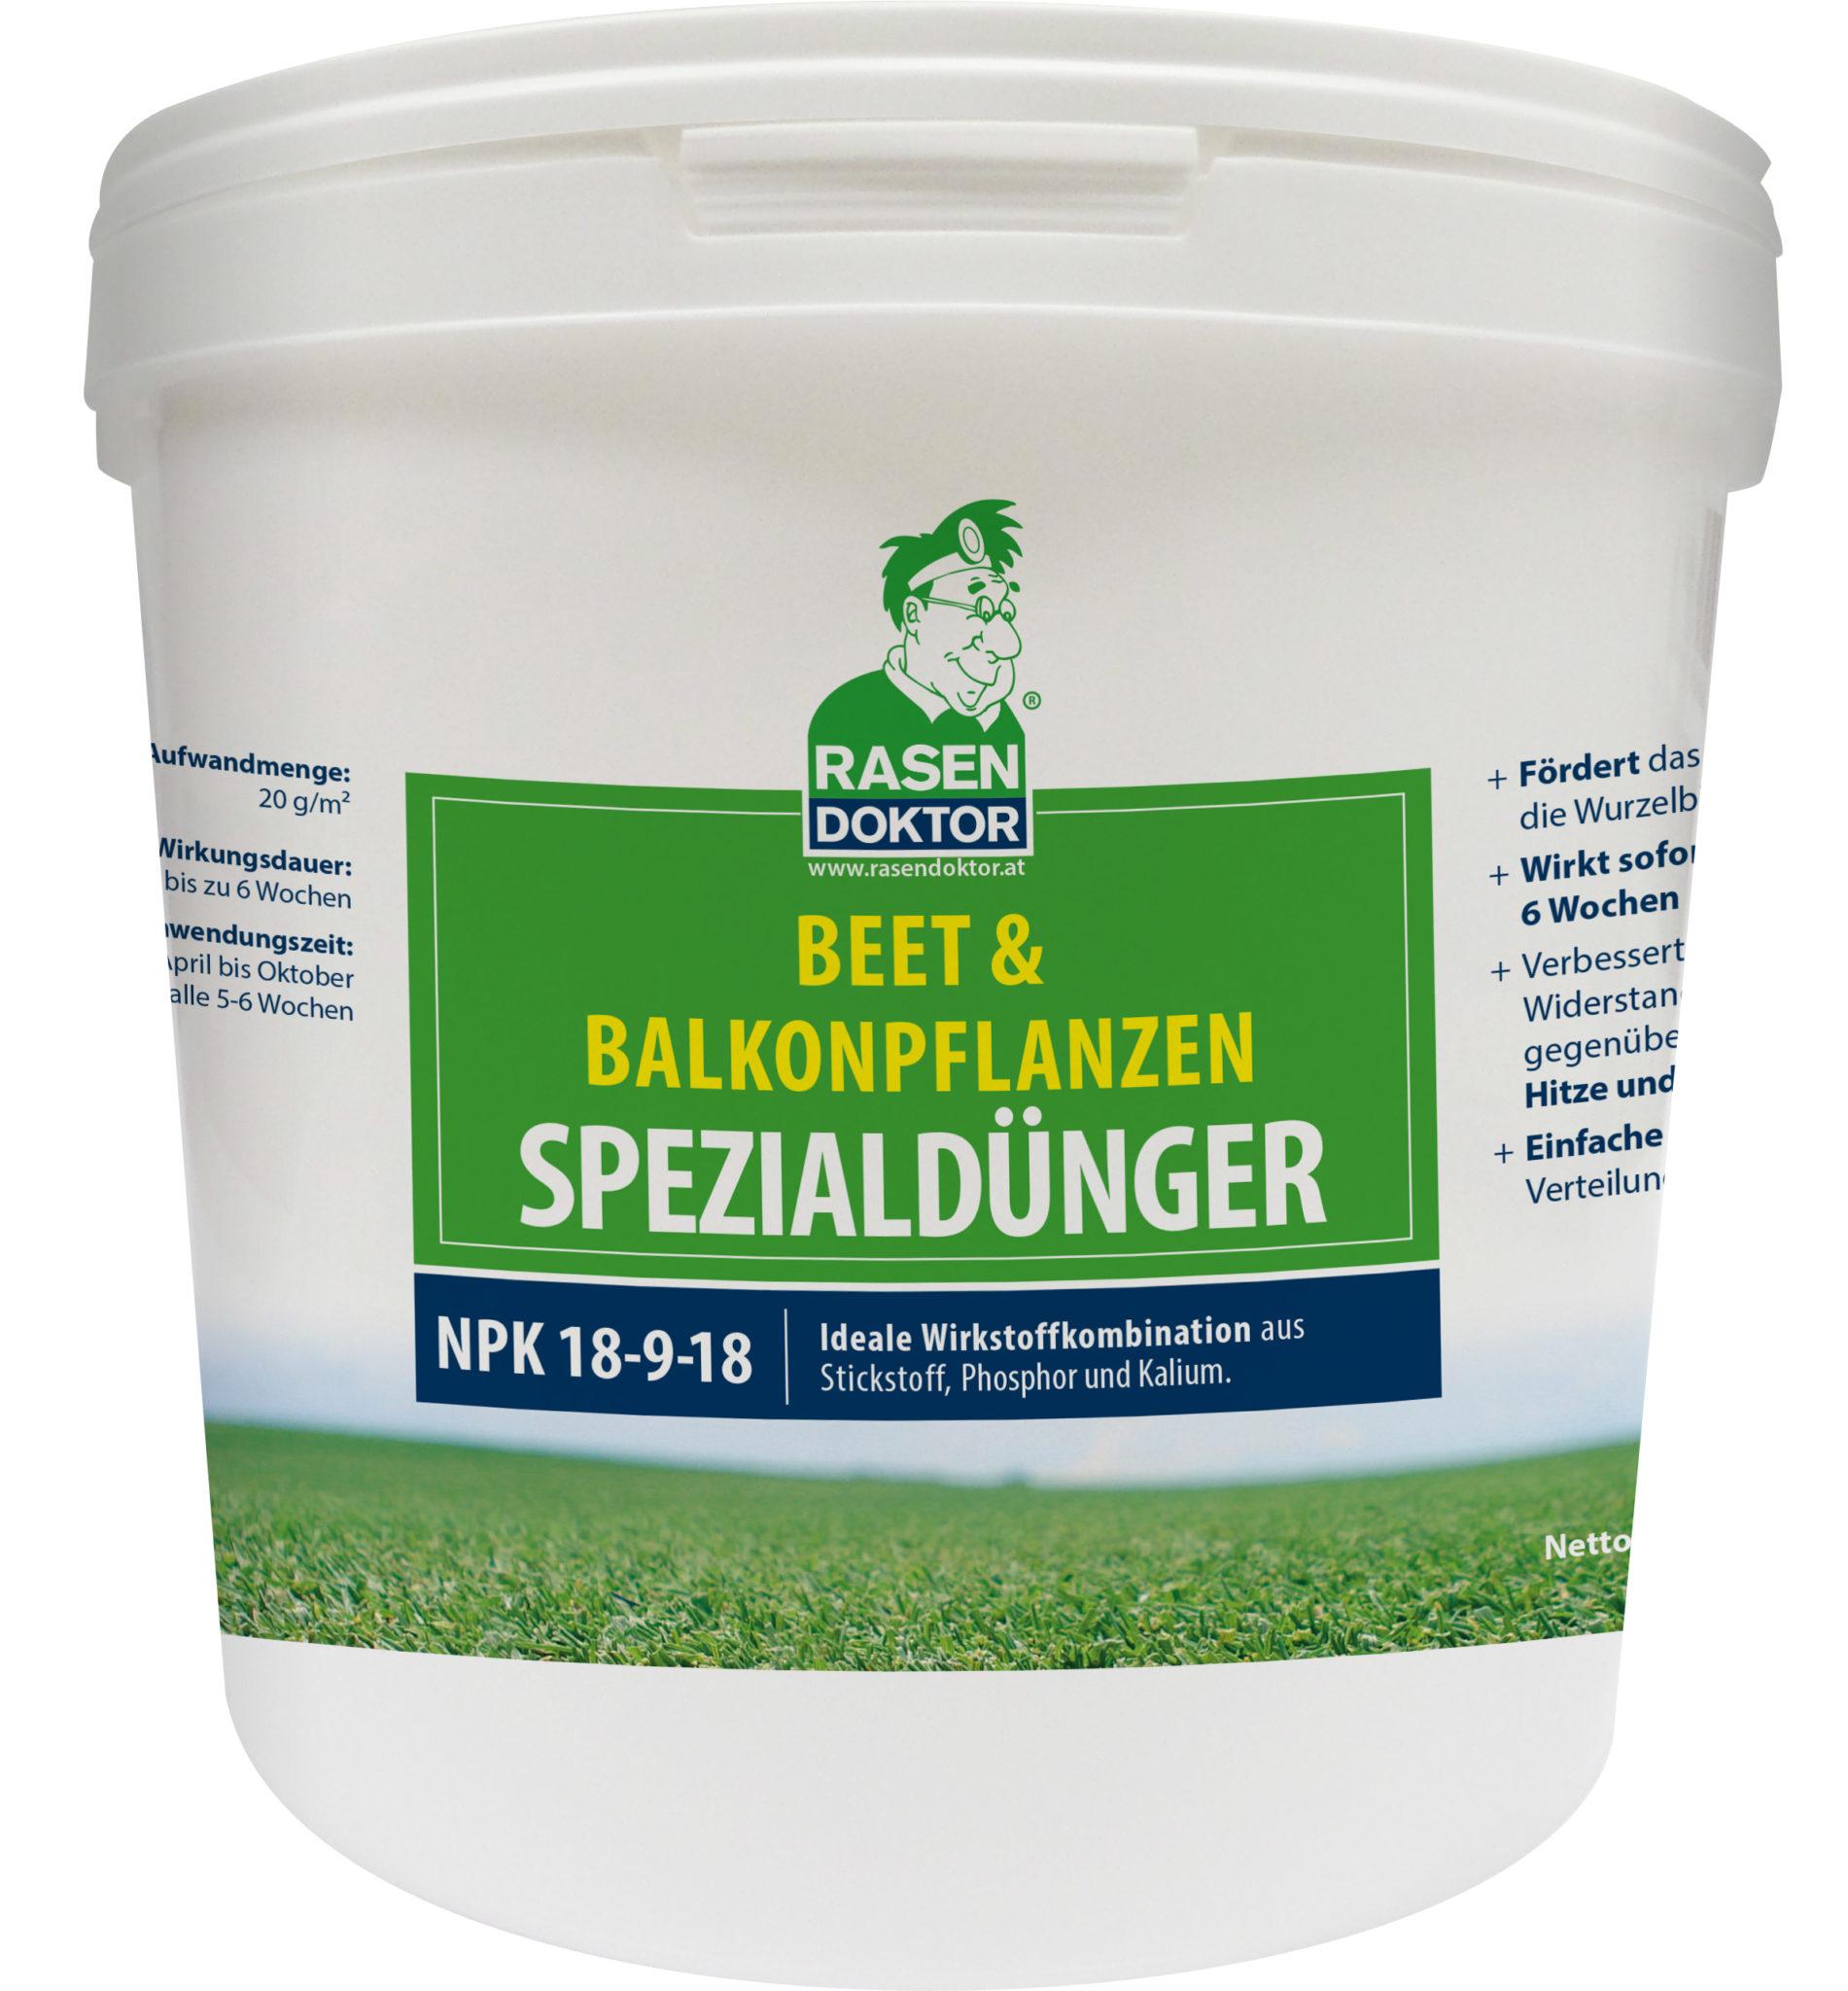 Berühmt Balkonblumen Dünger - Rasendoktor Dünger & Saatgut #ZH_69